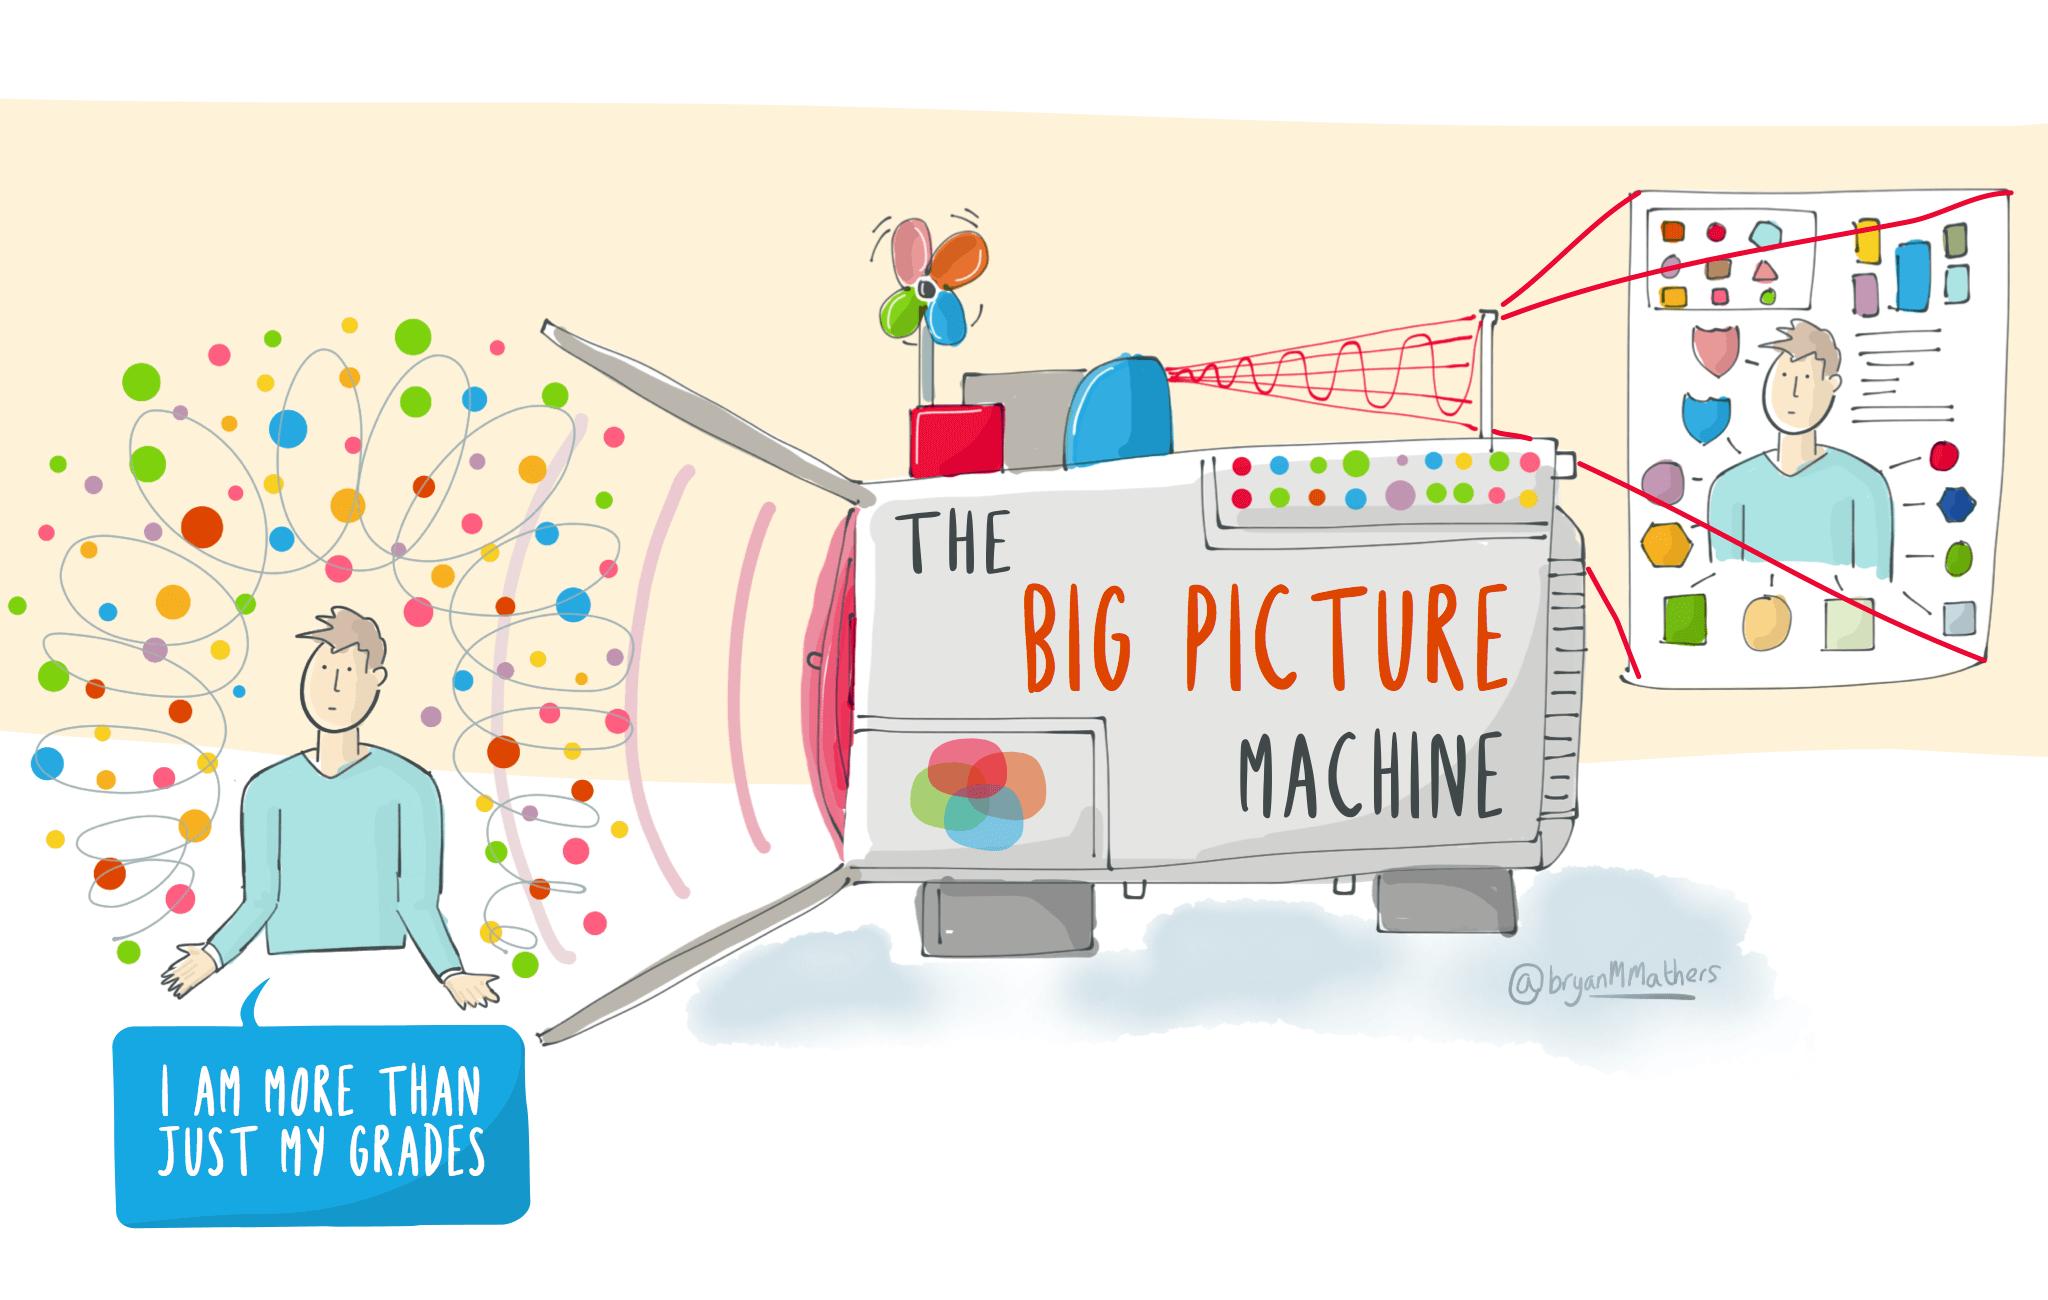 The big picture machine